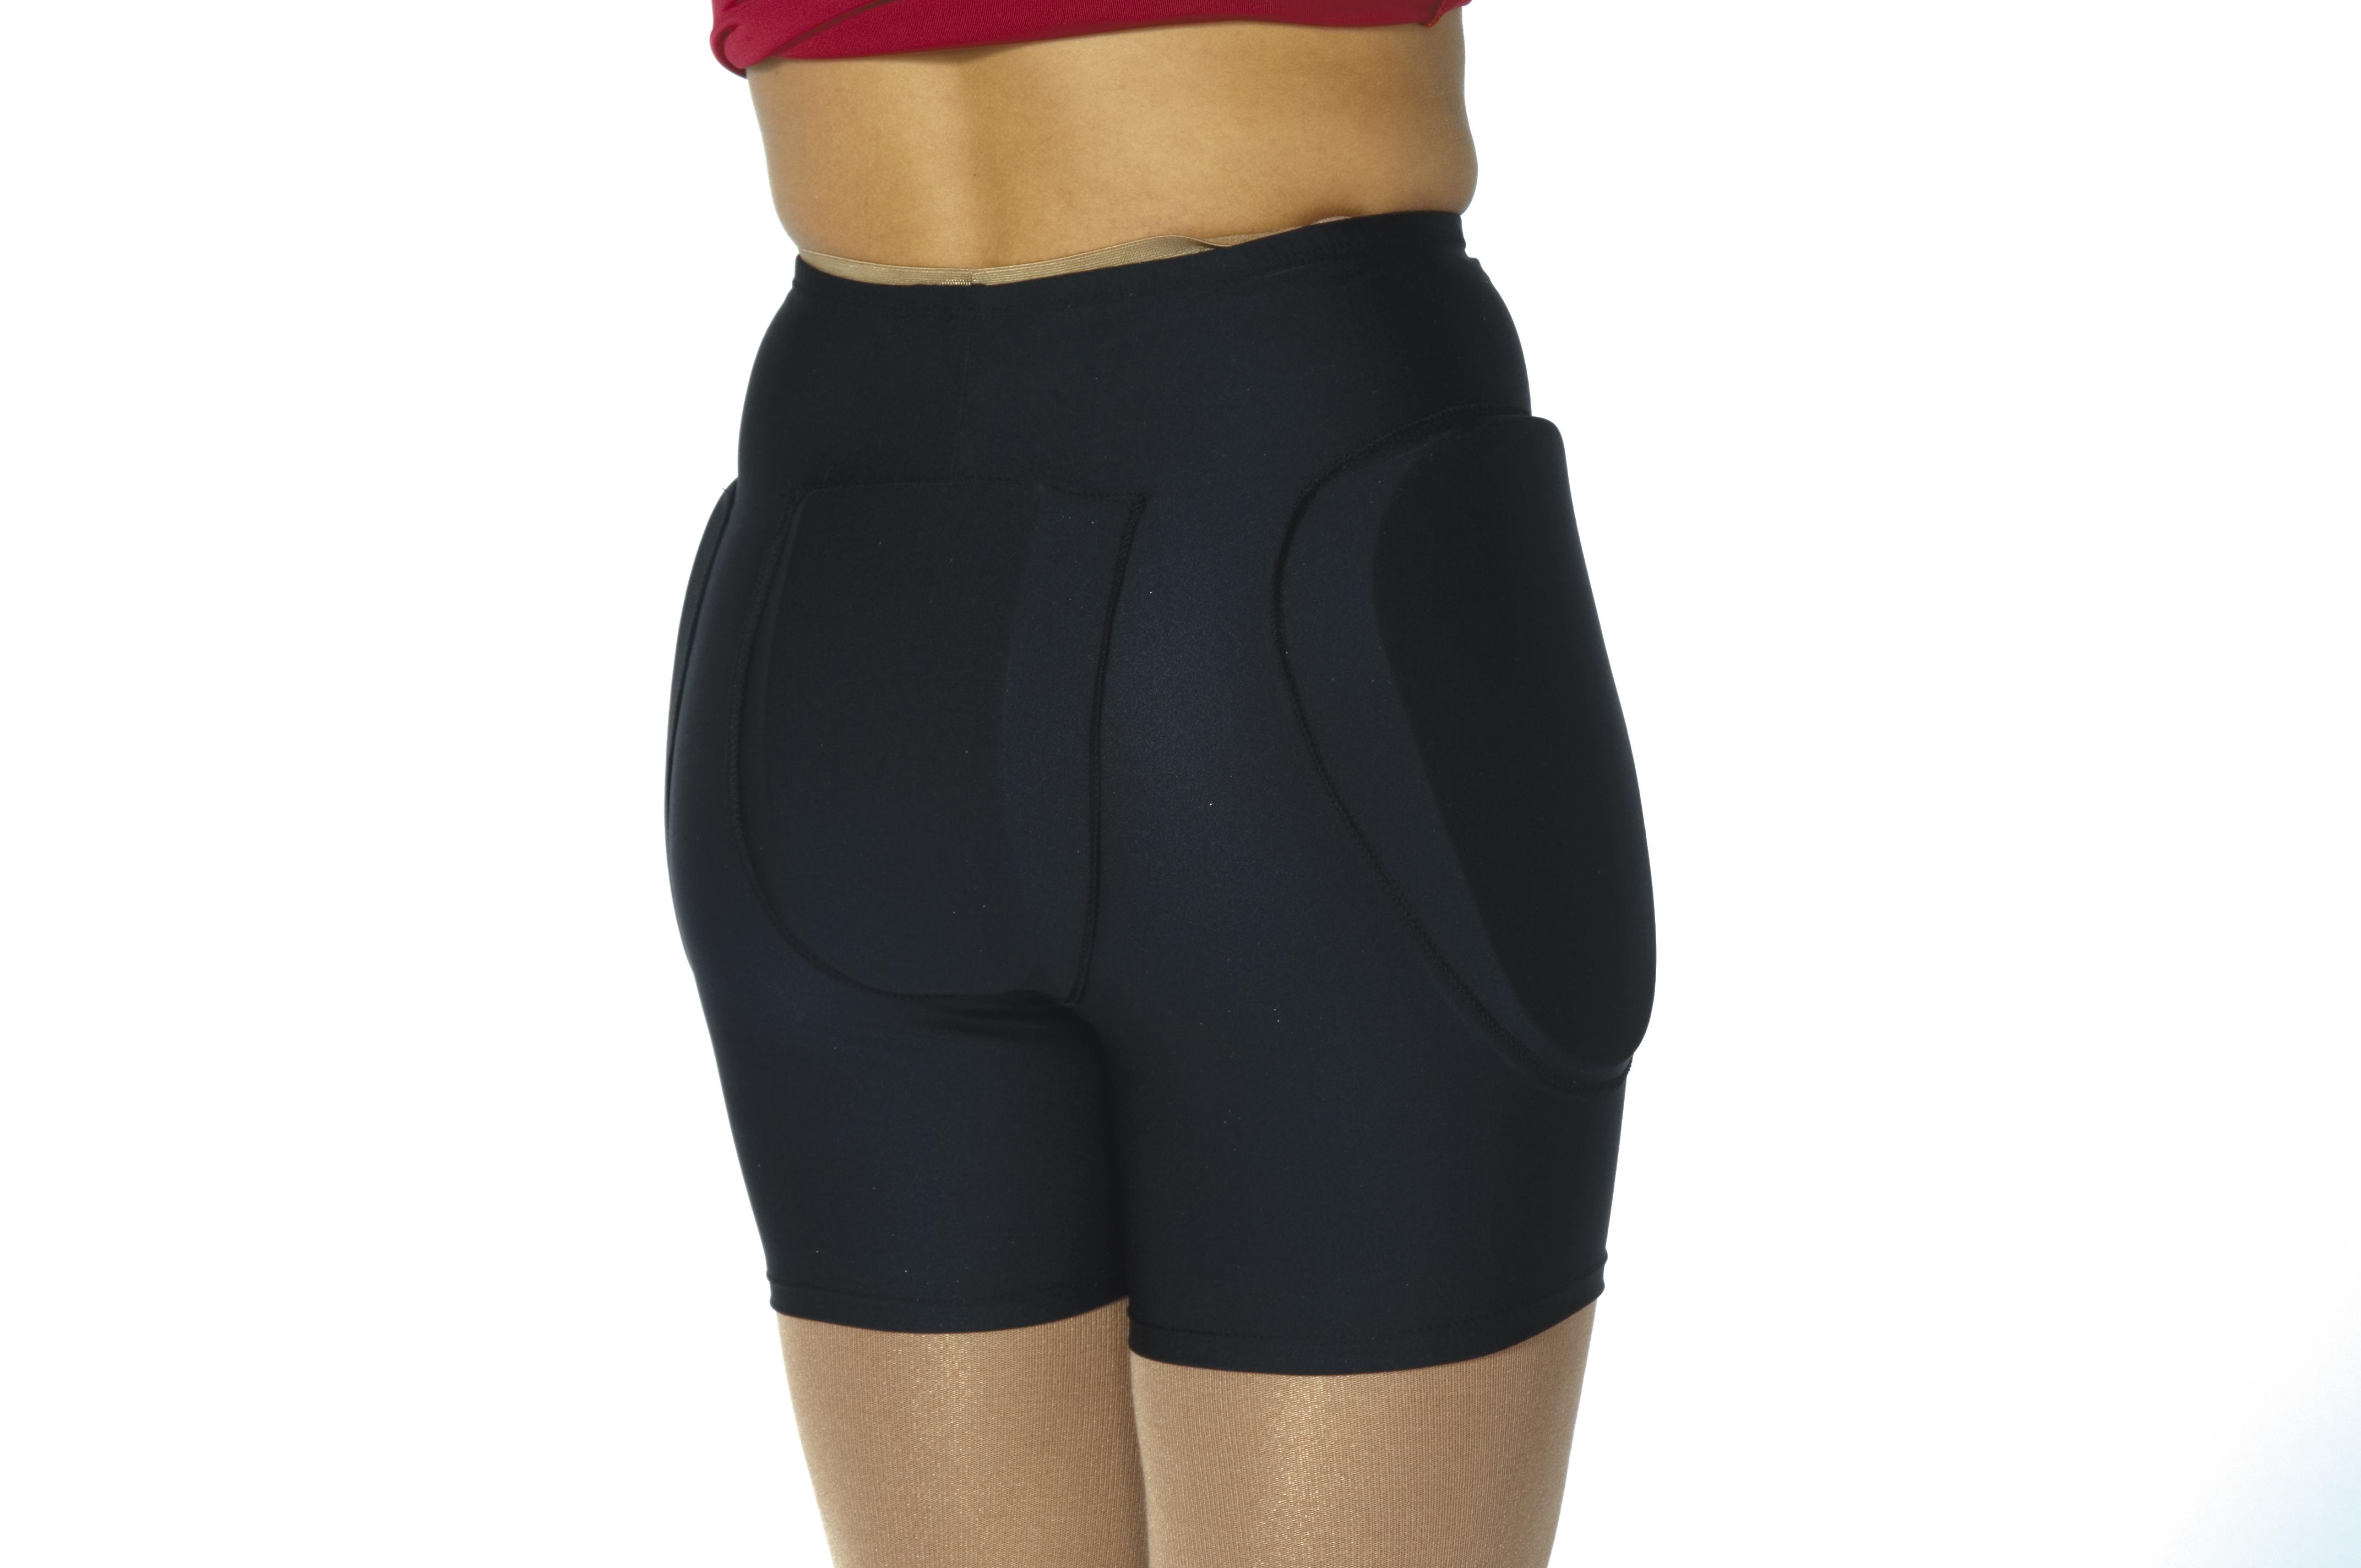 Спортивная одежда для мужчин, женщин - VK